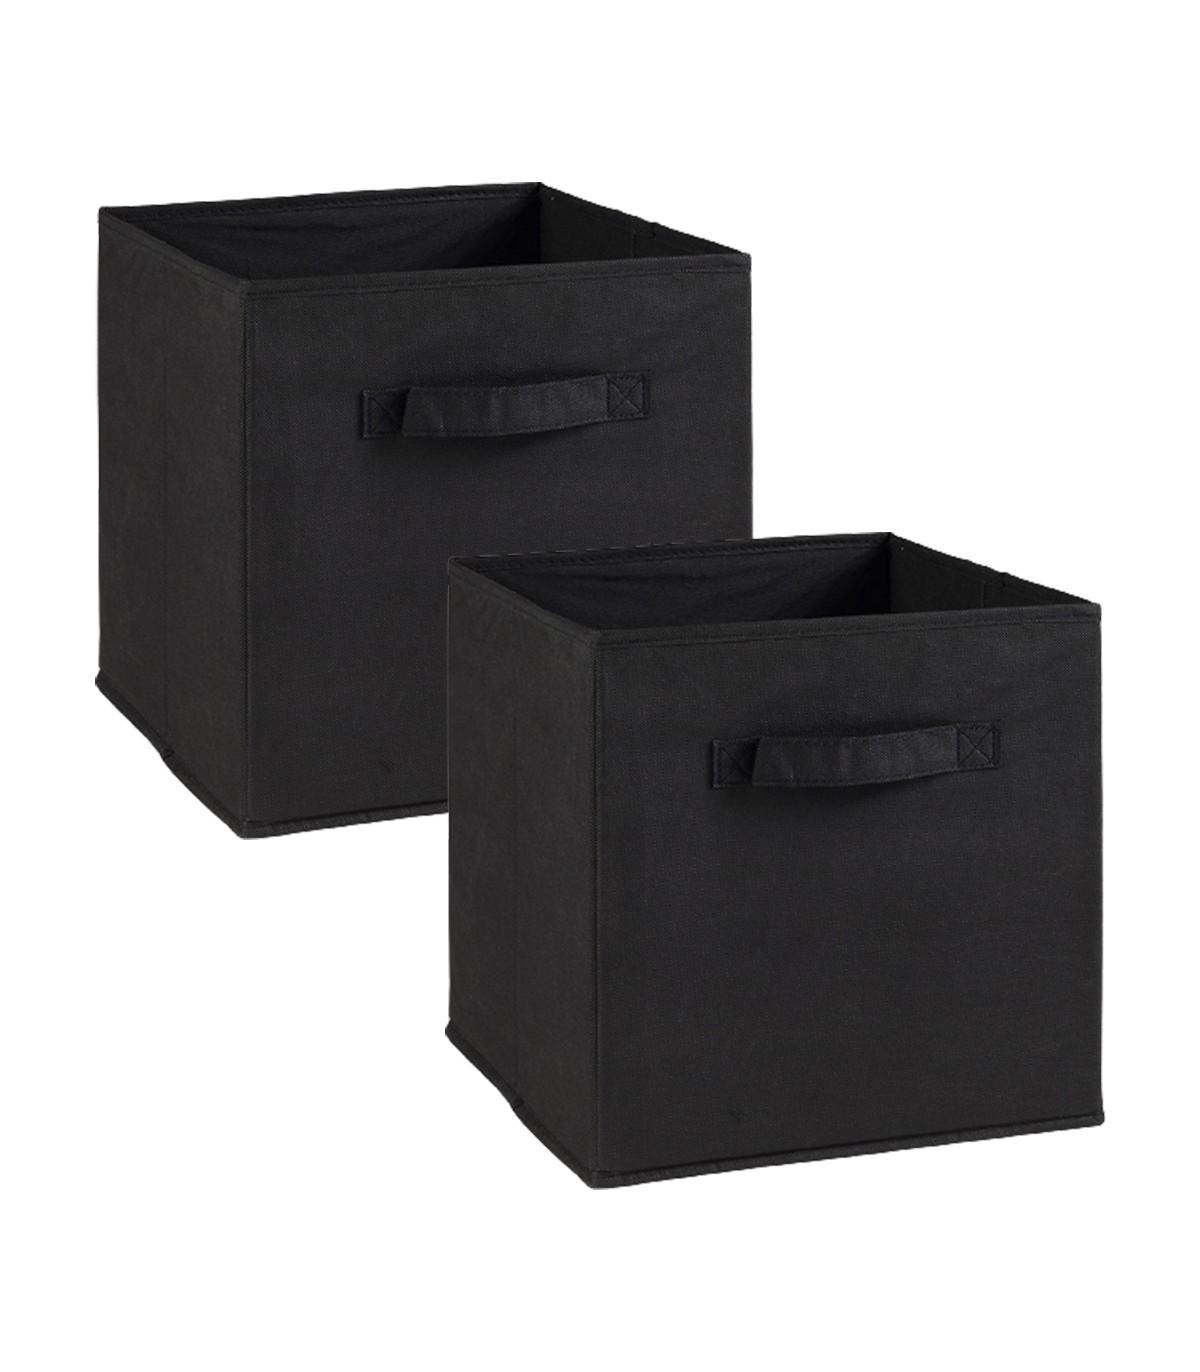 Lot de 2 cubes en intissé - 28x28x27cm - Noir